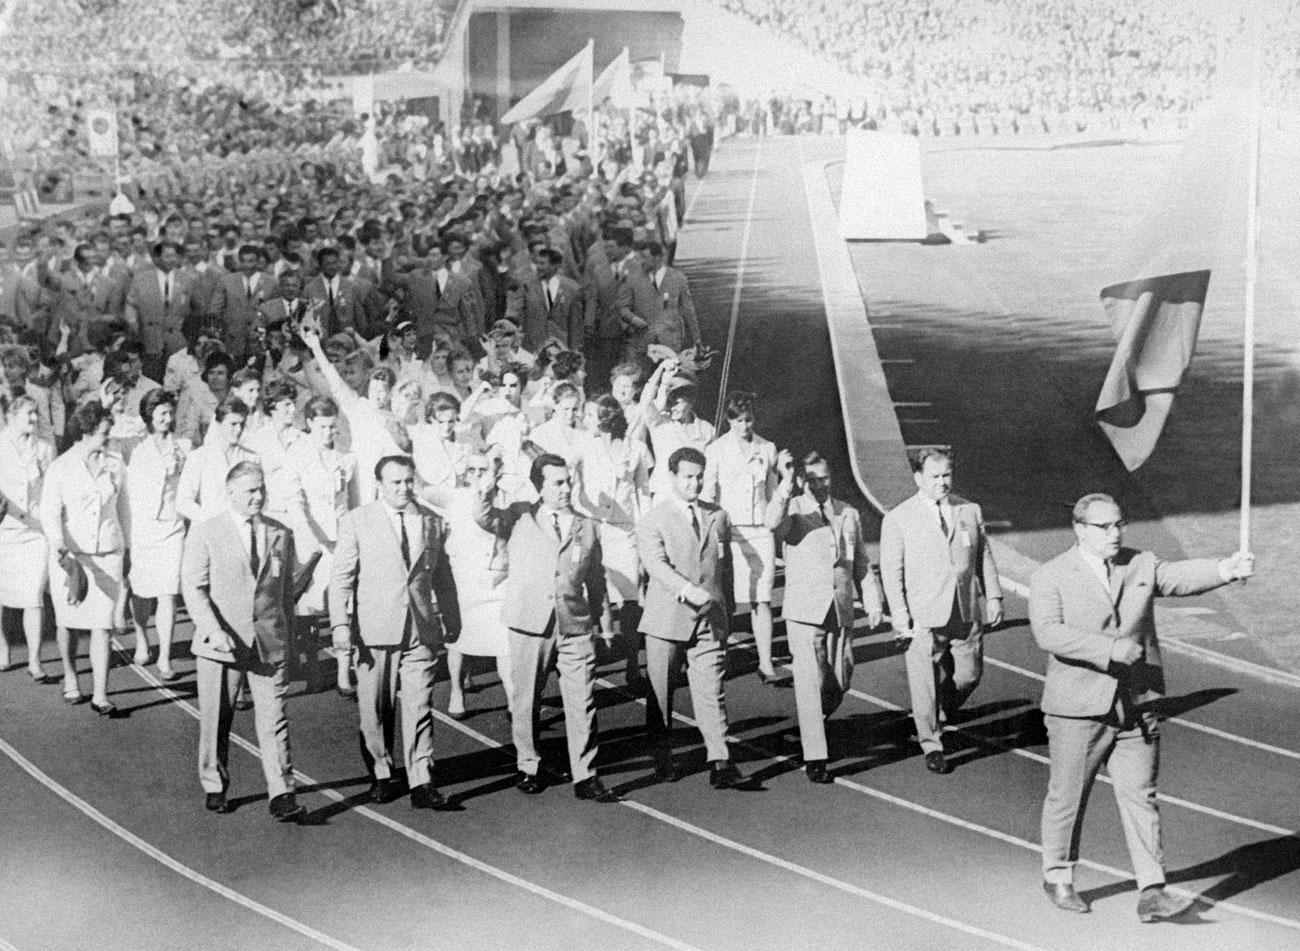 """1964 ТОКИОРуската гимнастичка Лариса Латинина пише за Олимпиадата в Токио в мемоарите си: """"С тъга си спомням своя олимпийски екип – черен вълнен бански костюм. Екипът трябваше да бъде разшит и ушит наново. Размерите бяха тотално объркани. А украшенията? Какви украшения? Това беше абсолютно забранено"""". Историята е типична за онези времена. Съветските дрехи не се славят с качество и стремеж към идеална форма. Официалните костюми също са много торбести – обемисти костюми, ушити от грубо сукно в сиво-зелено за мъжете и бяло за жените."""